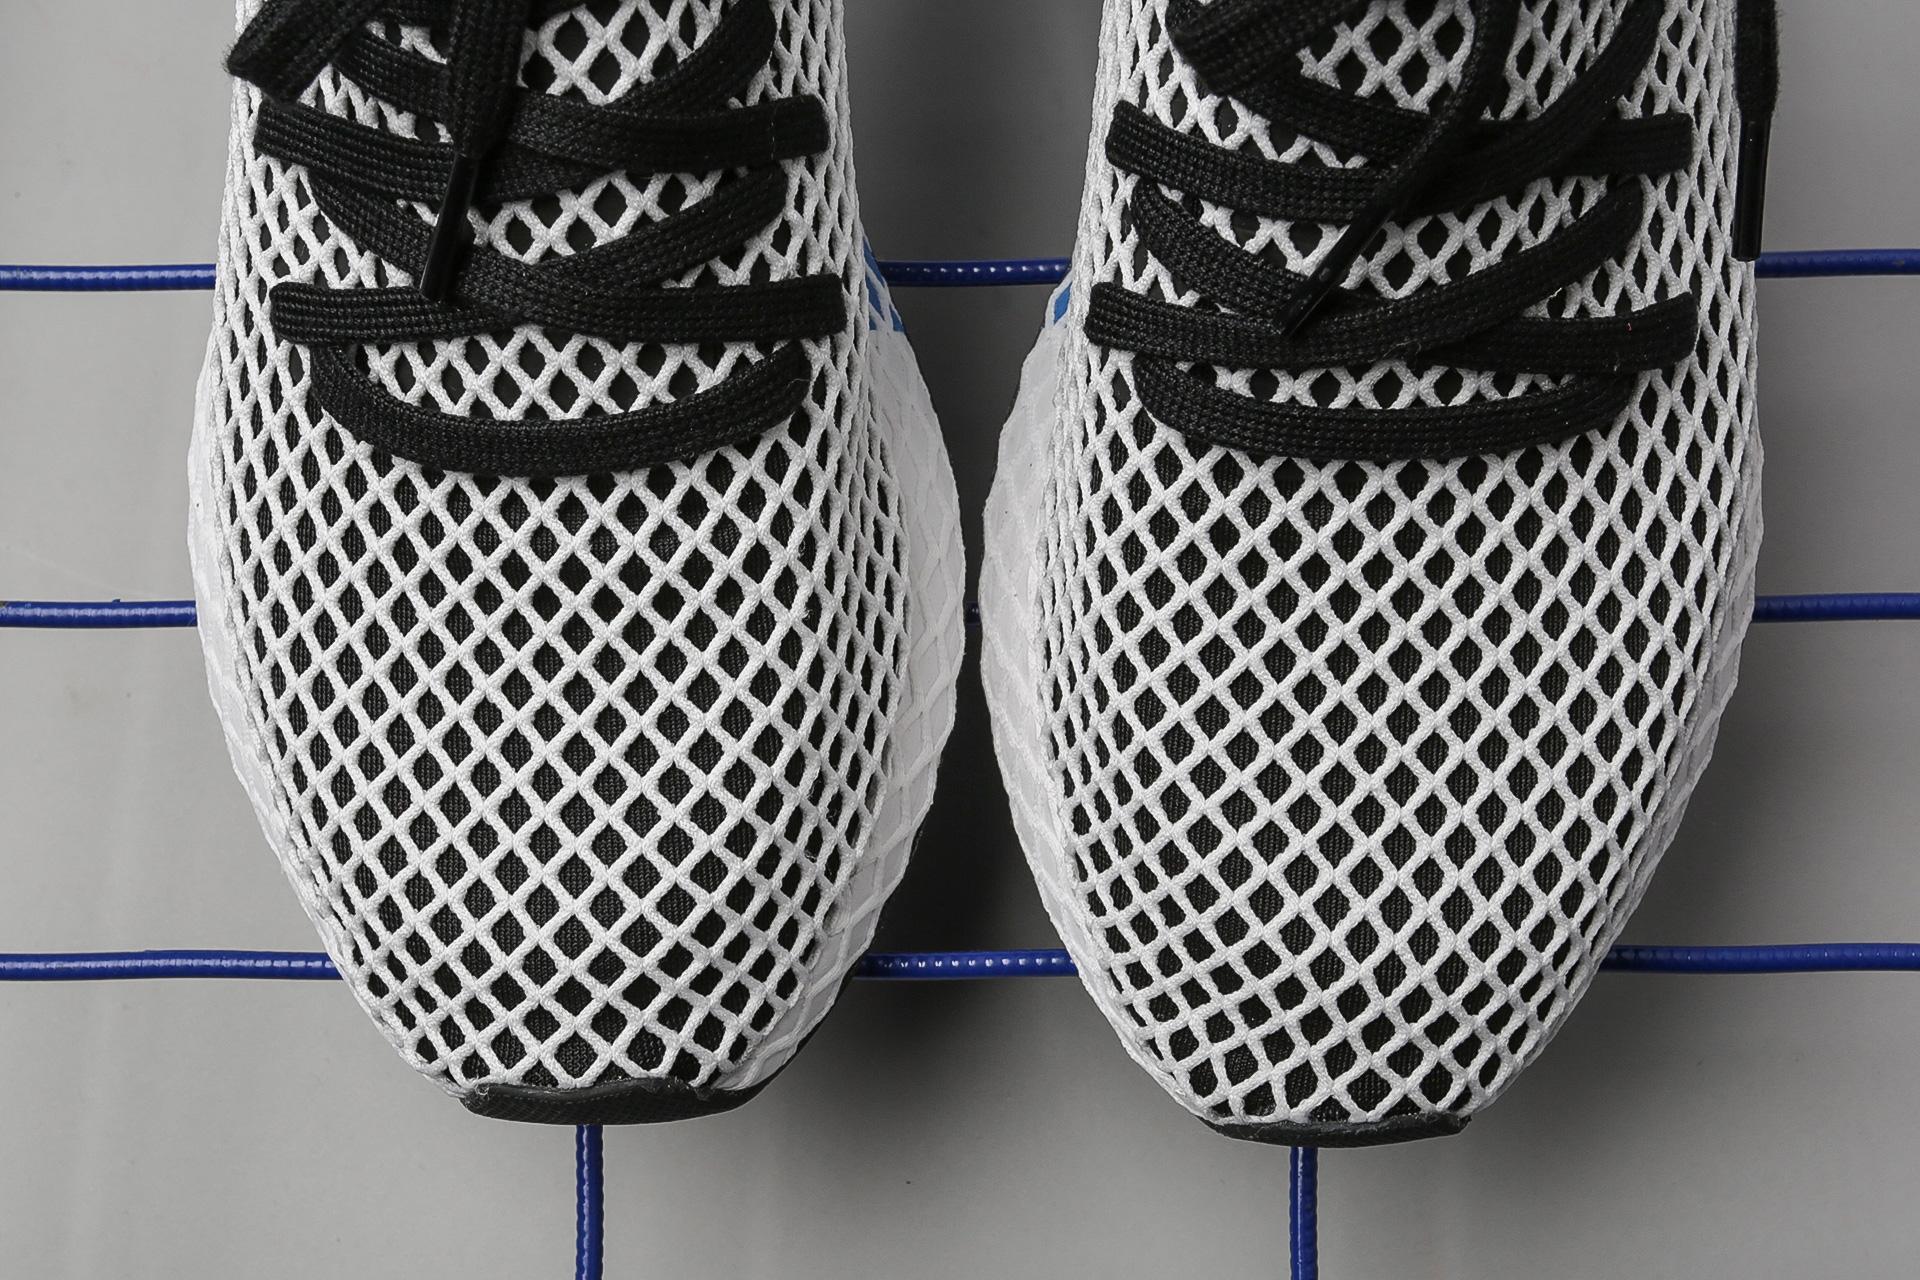 ca447b7b Купить черные мужские кроссовки Deerupt Runner от adidas Originals ...